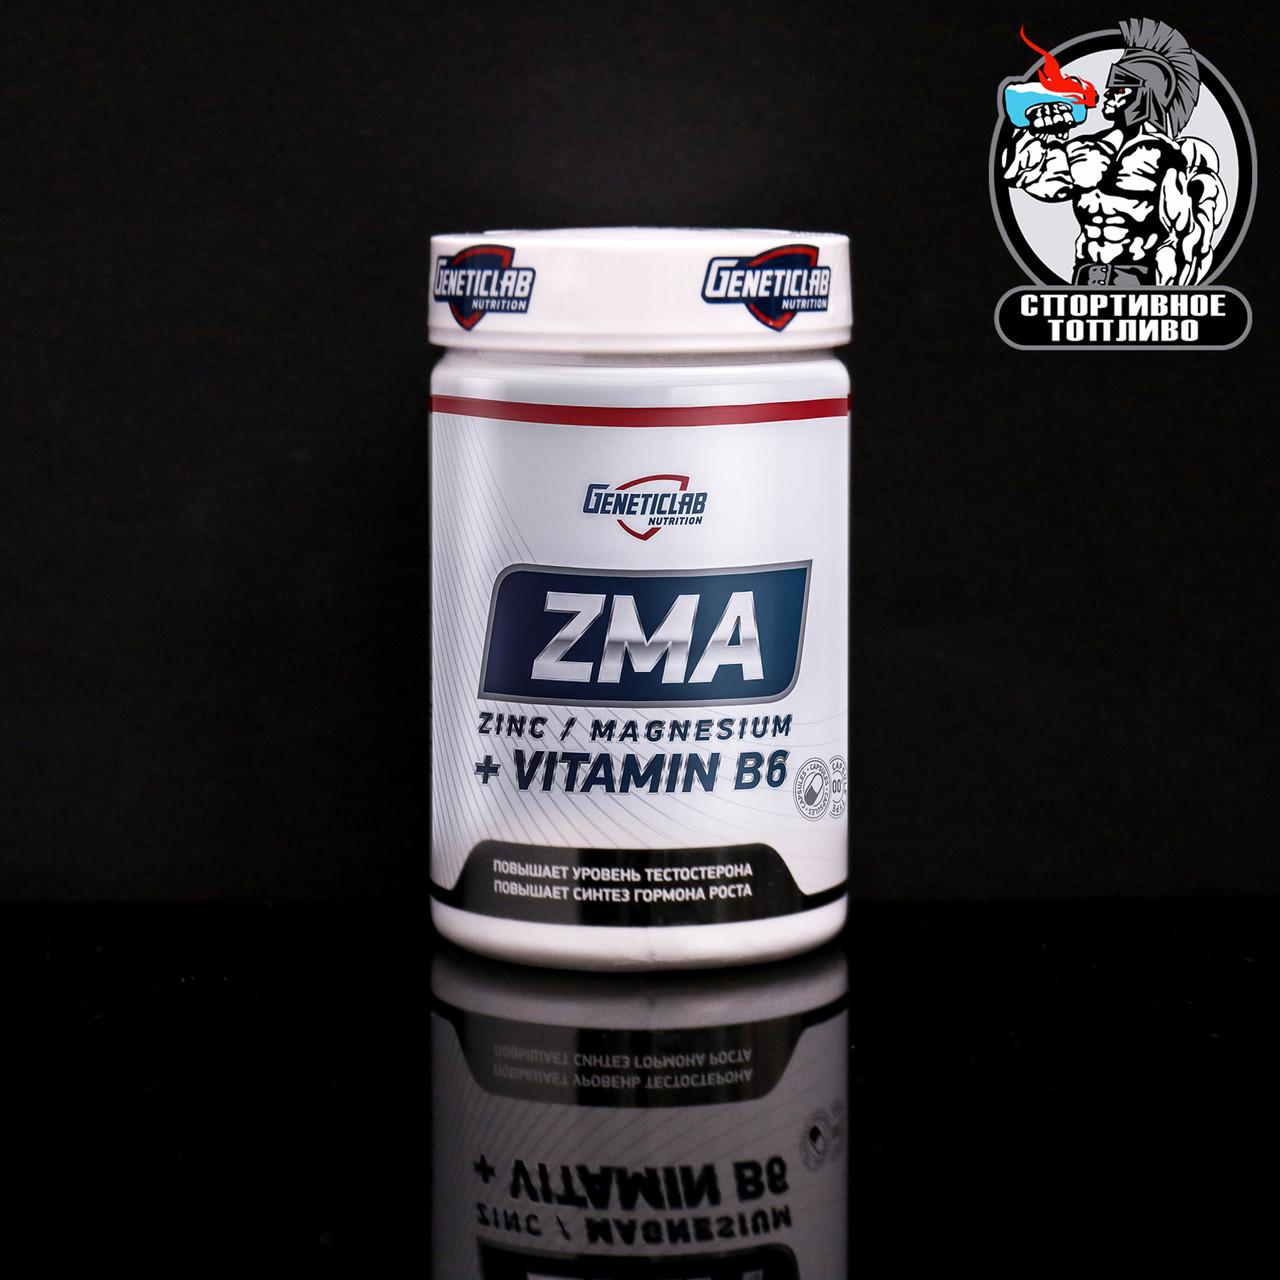 GeneticLab - ZMA 60капс/60порций